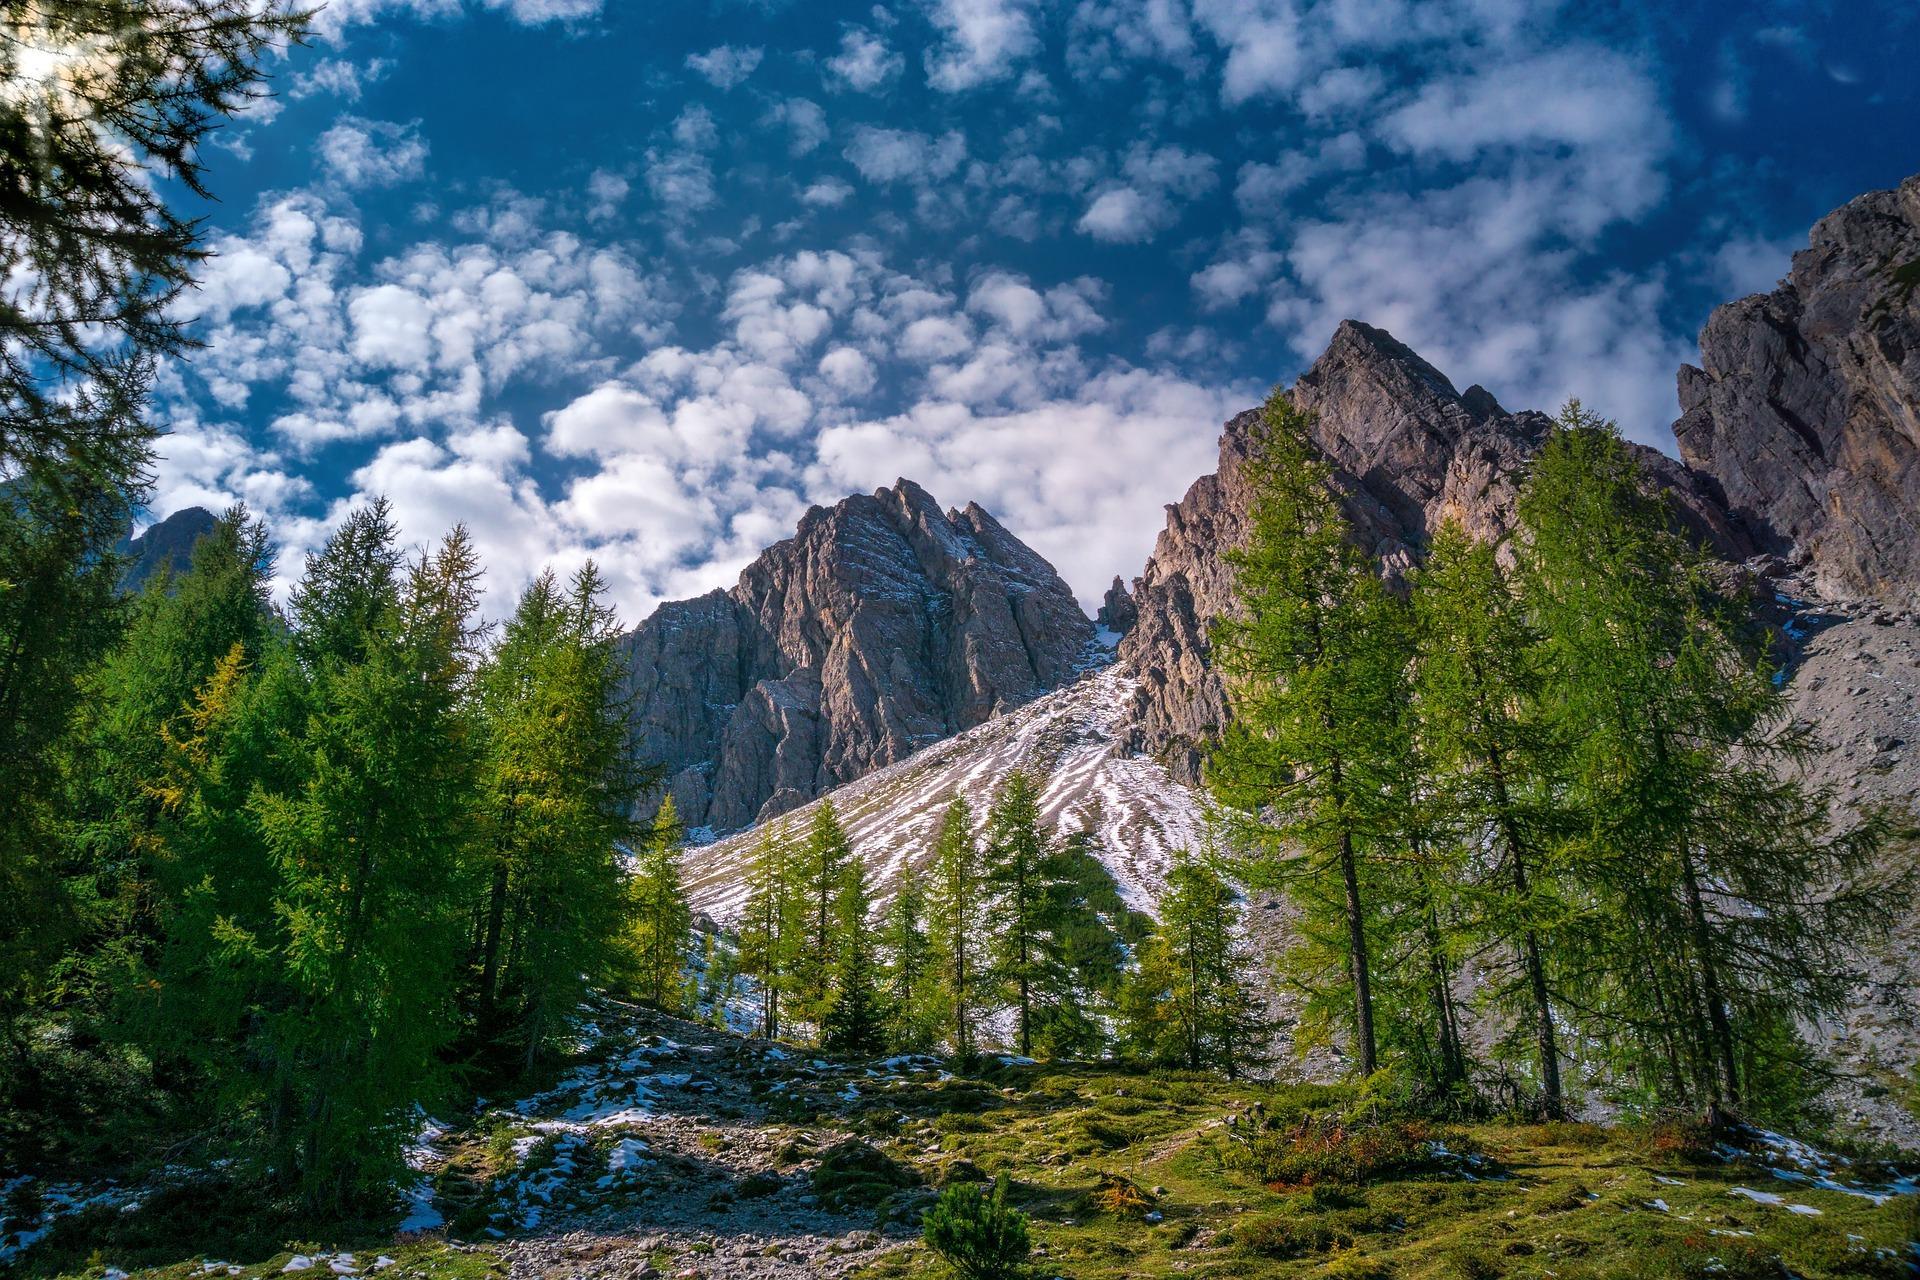 landscape-2936148_1920